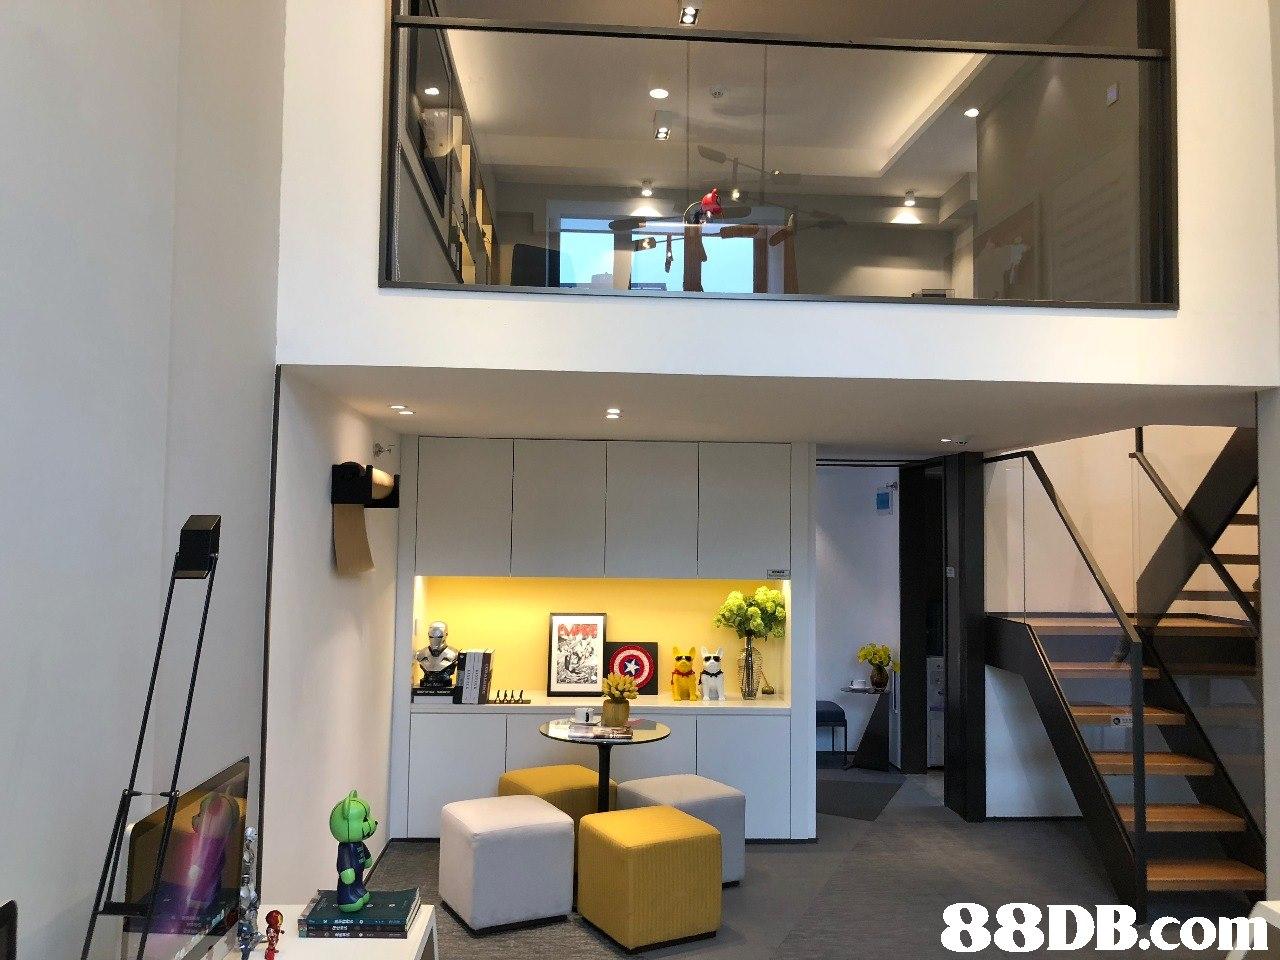 interior design,ceiling,loft,